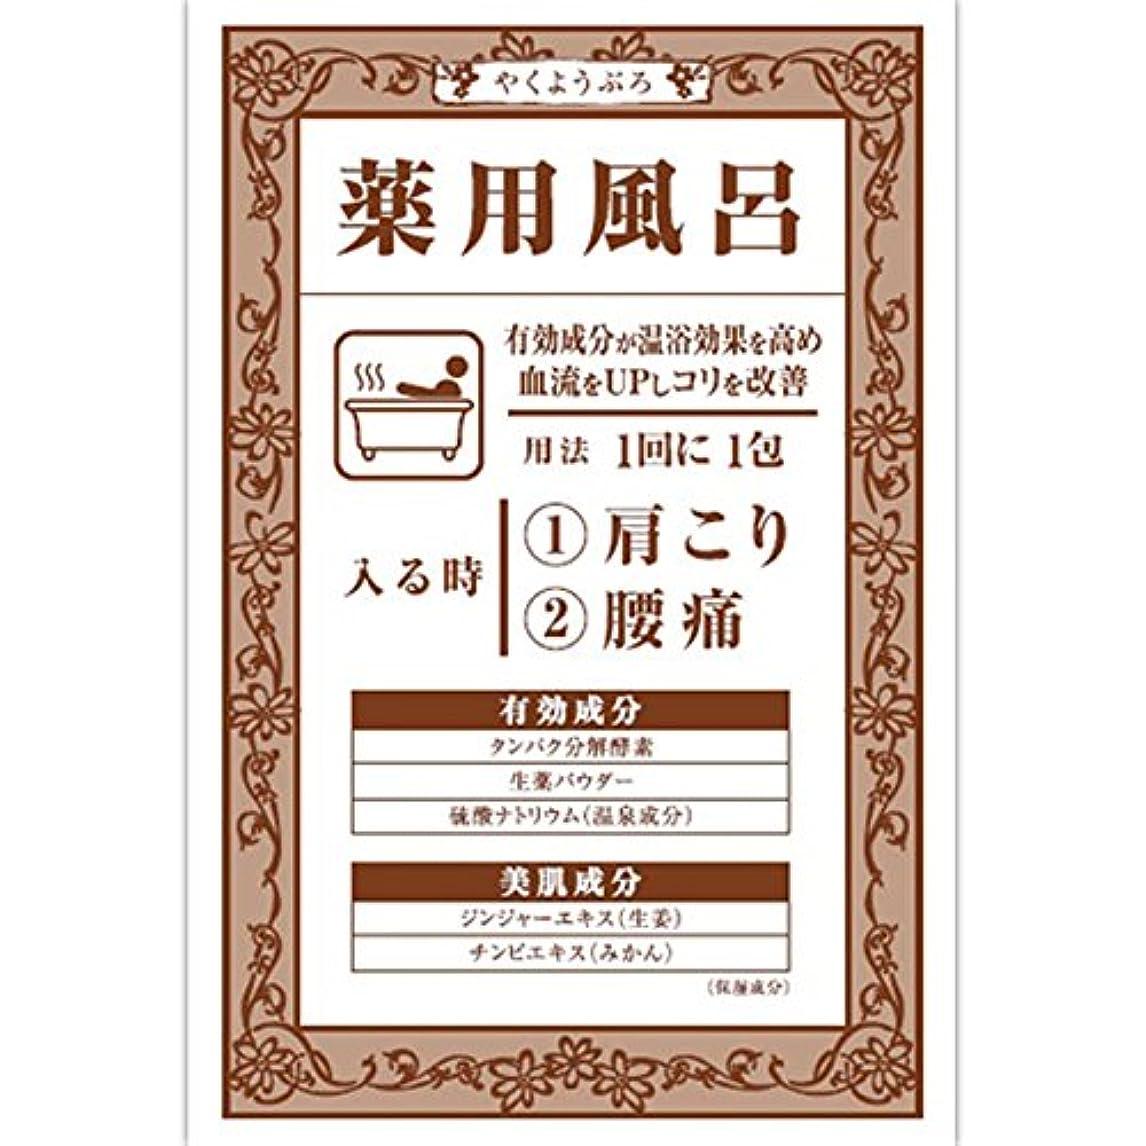 ギャングスター無条件真夜中大山 薬用風呂KKa(肩こり?腰痛) 40G(医薬部外品)